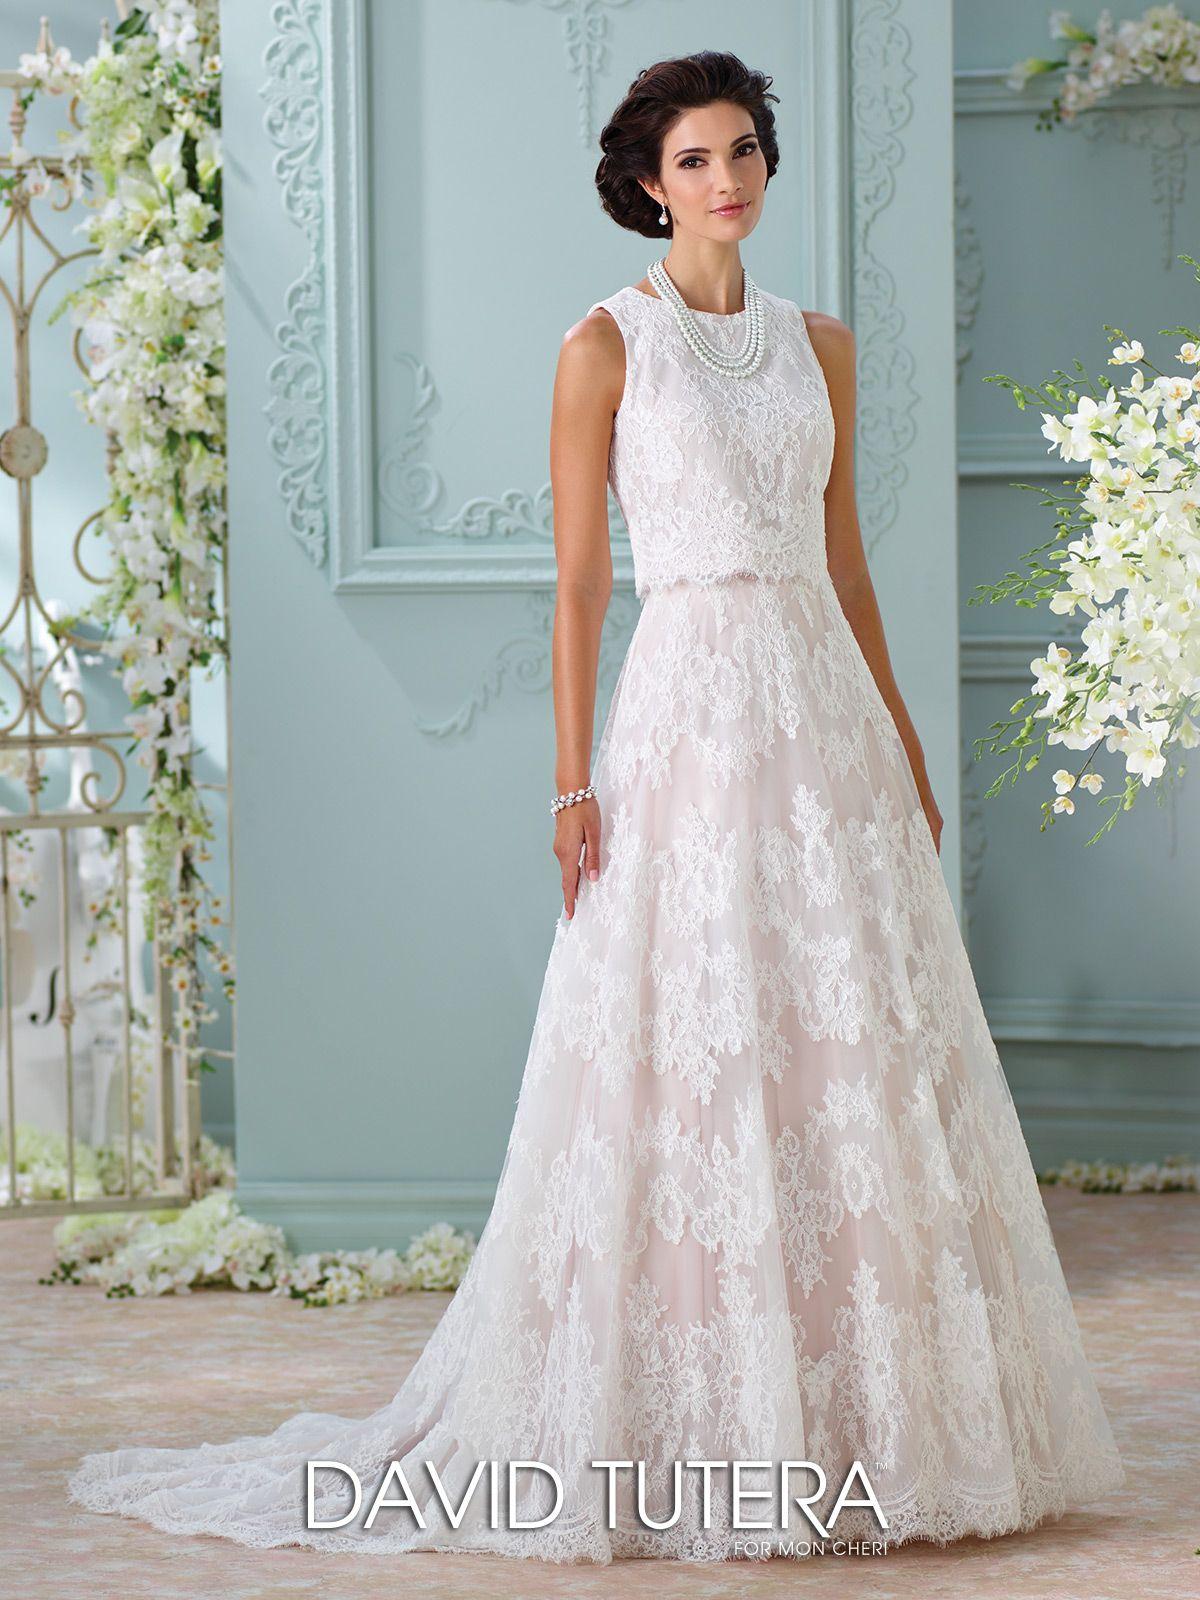 Two-Piece Sleeveless Lace Wedding Dress- 116209 Rhyah | David tutera ...